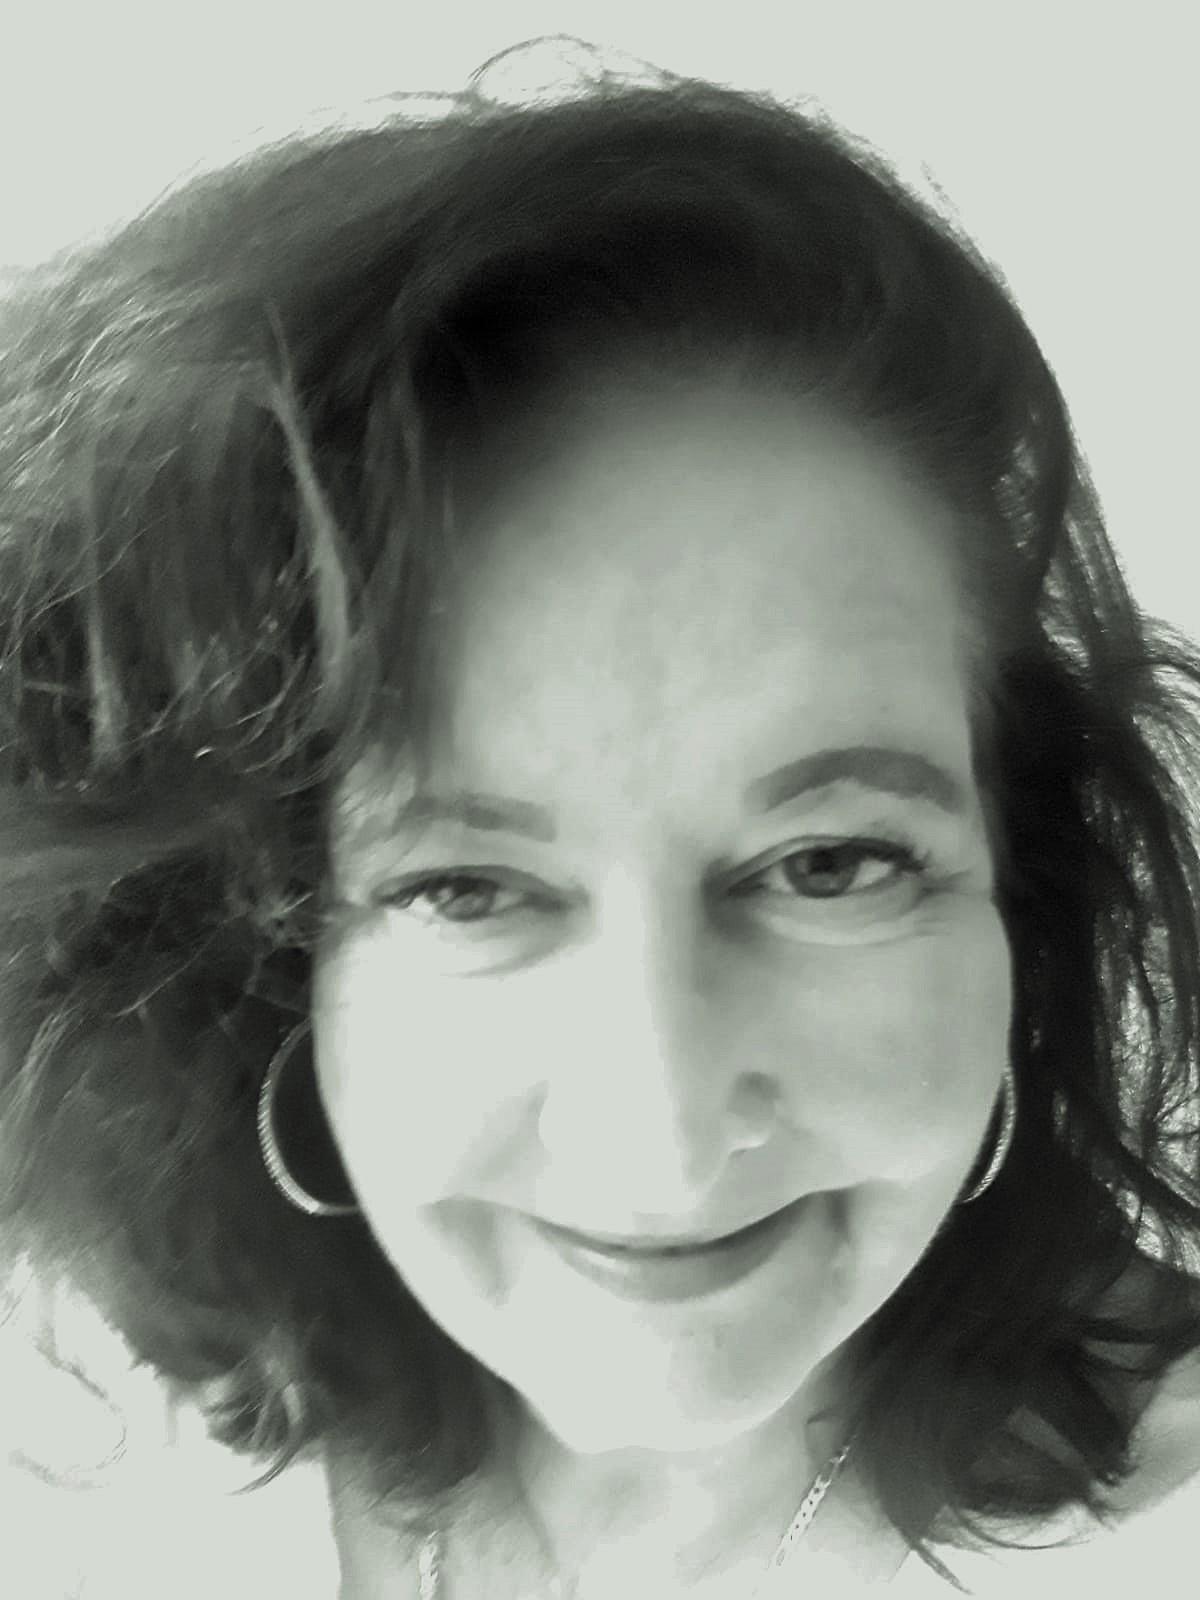 Mónica Simon ist geboren in Südamerika und verbrachte ihre Kindheit und Jugend neben Abstechern nach Andalusien in Berlin. Seit 18 Jahren ist sie erfolgreich als Drehbuchautorin tätig; in der Zeit wurden über 30 Bücher von ihr verfilmt.